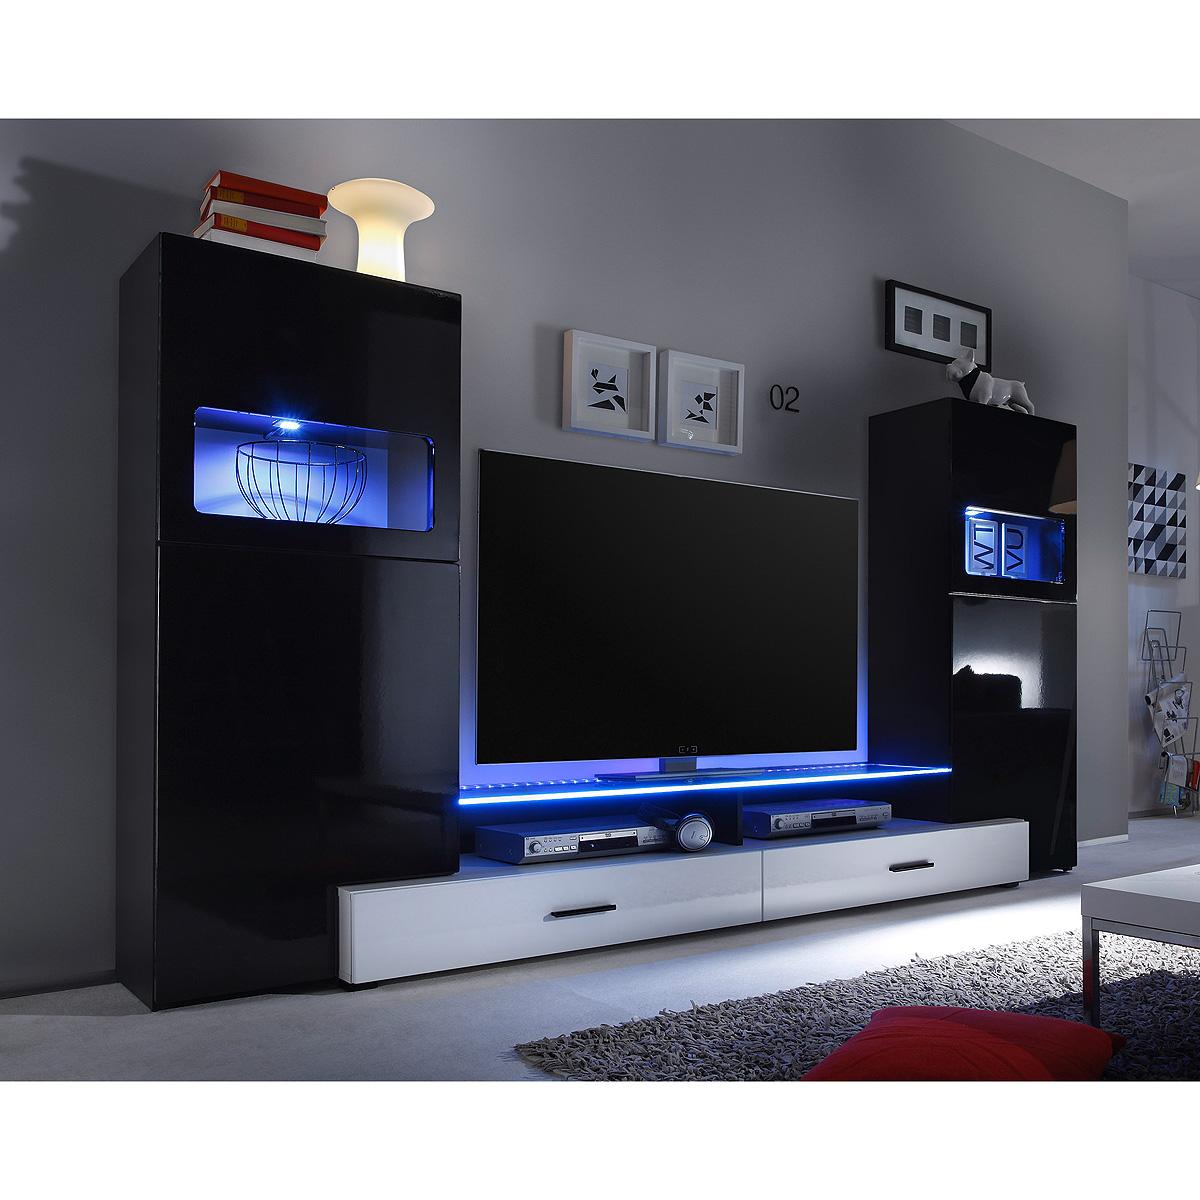 wohnwand cave anbauwand wohnzimmer wohnkombi schwarz hochglanz wei mit led eur 389 95. Black Bedroom Furniture Sets. Home Design Ideas